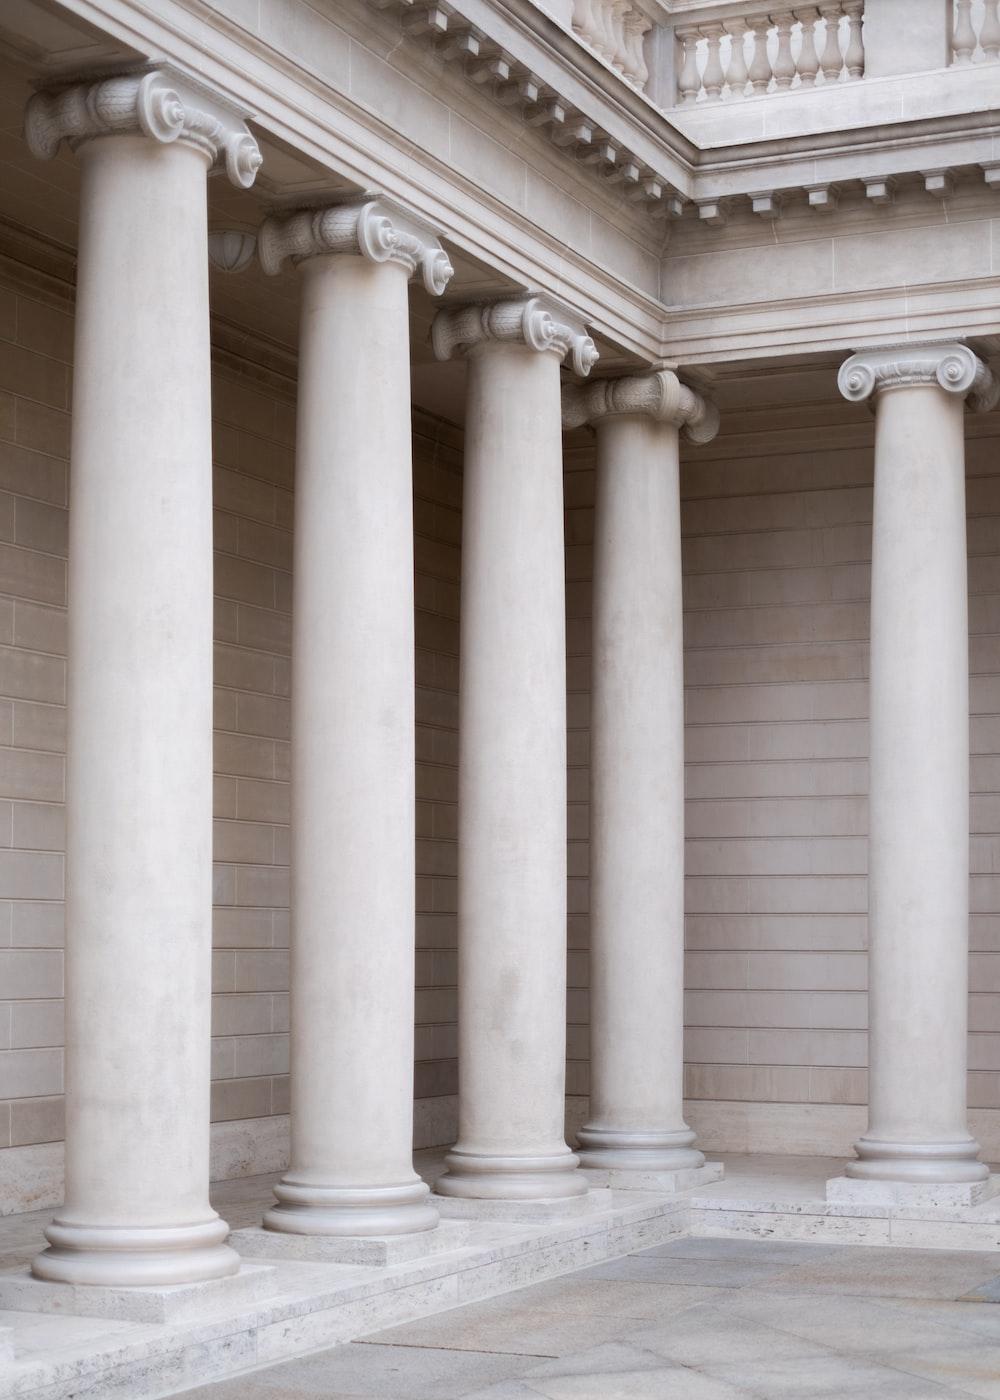 photo of white concrete pillars